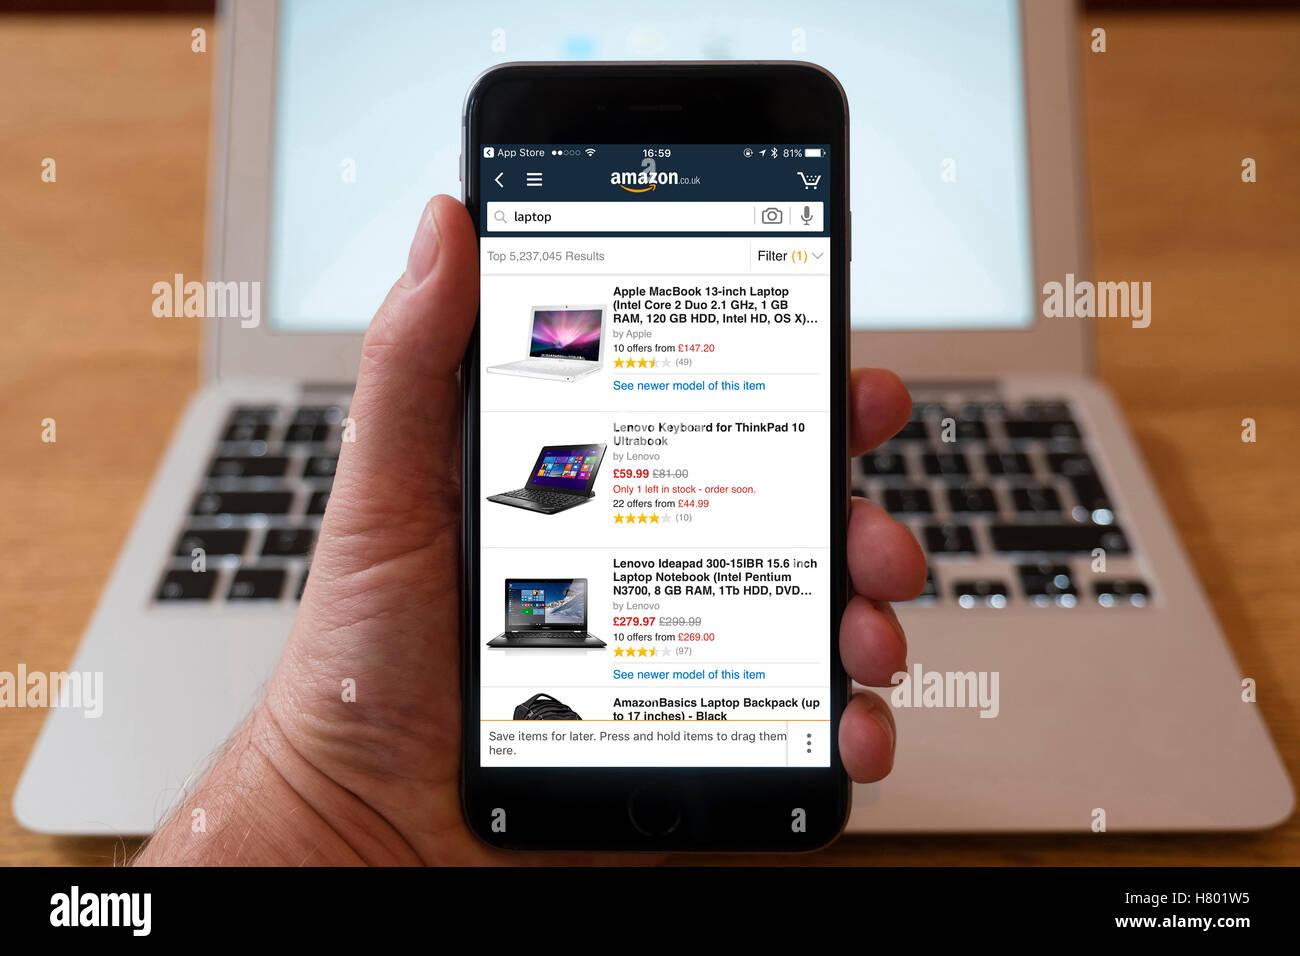 Tiendas De Ordenadores Online.Usando El Iphone Smartphone Mostrar Amazon Tienda Online Con